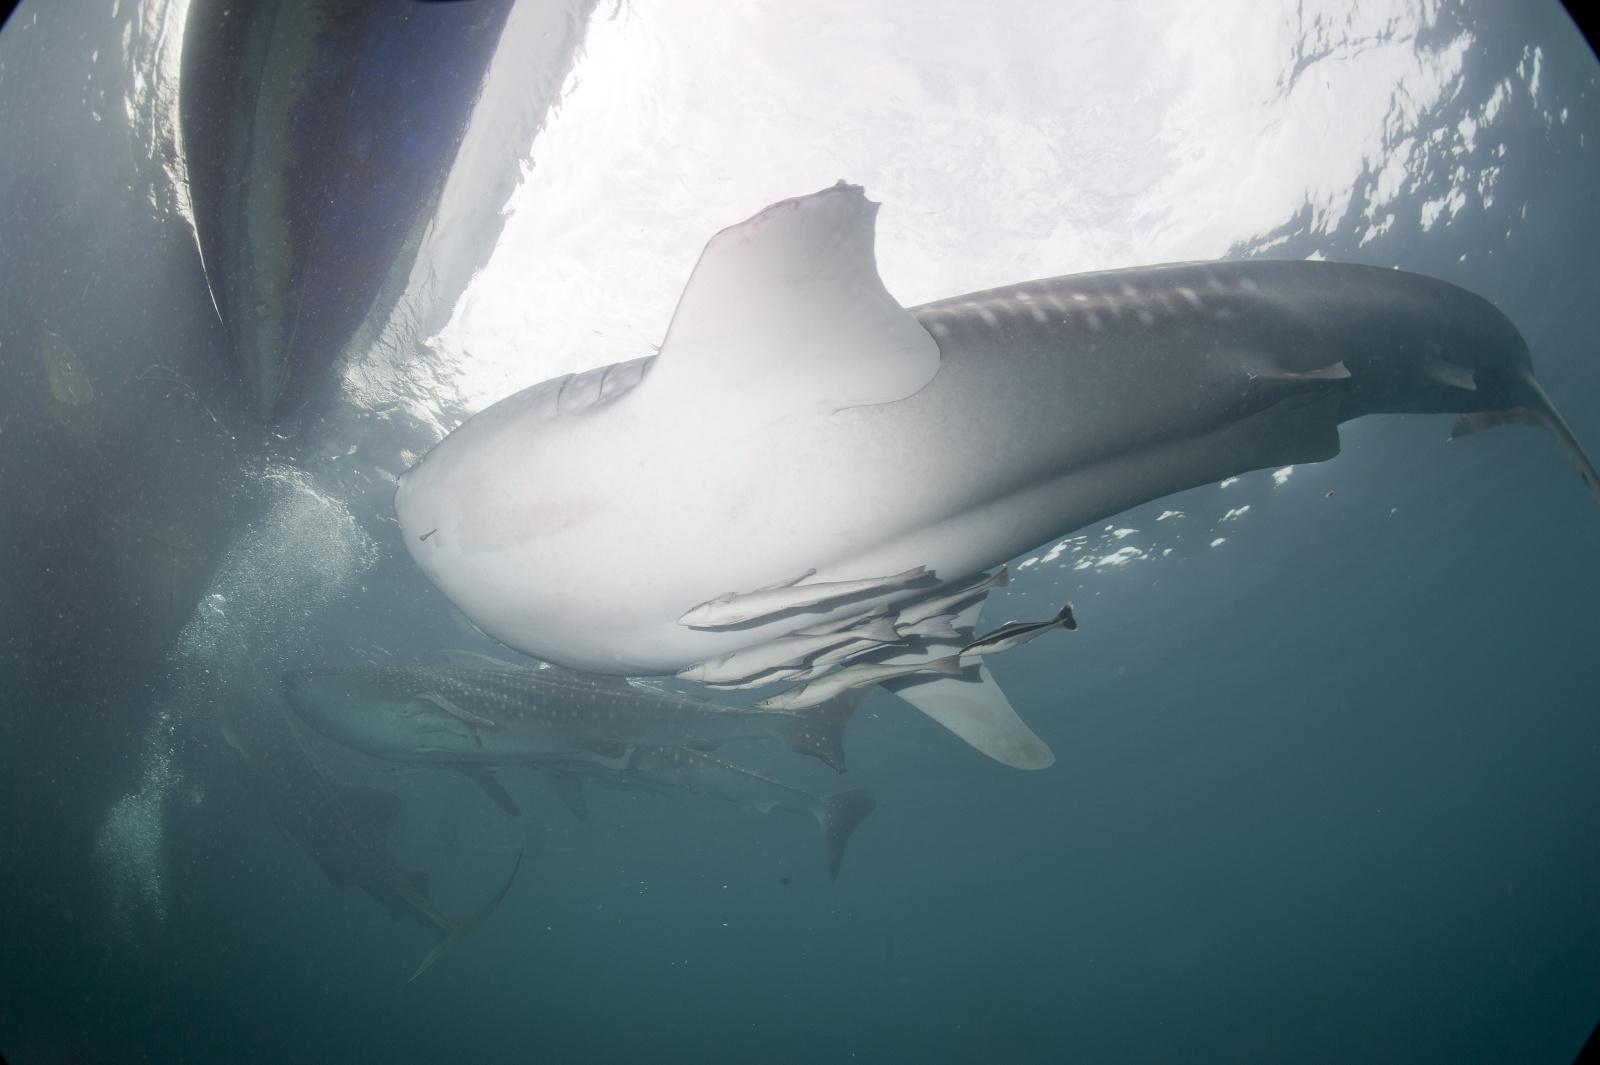 La pinna mozzata degli squali balena - È possibile notare nella parte bianca un pezzo di metallo conficcato nello squalo.